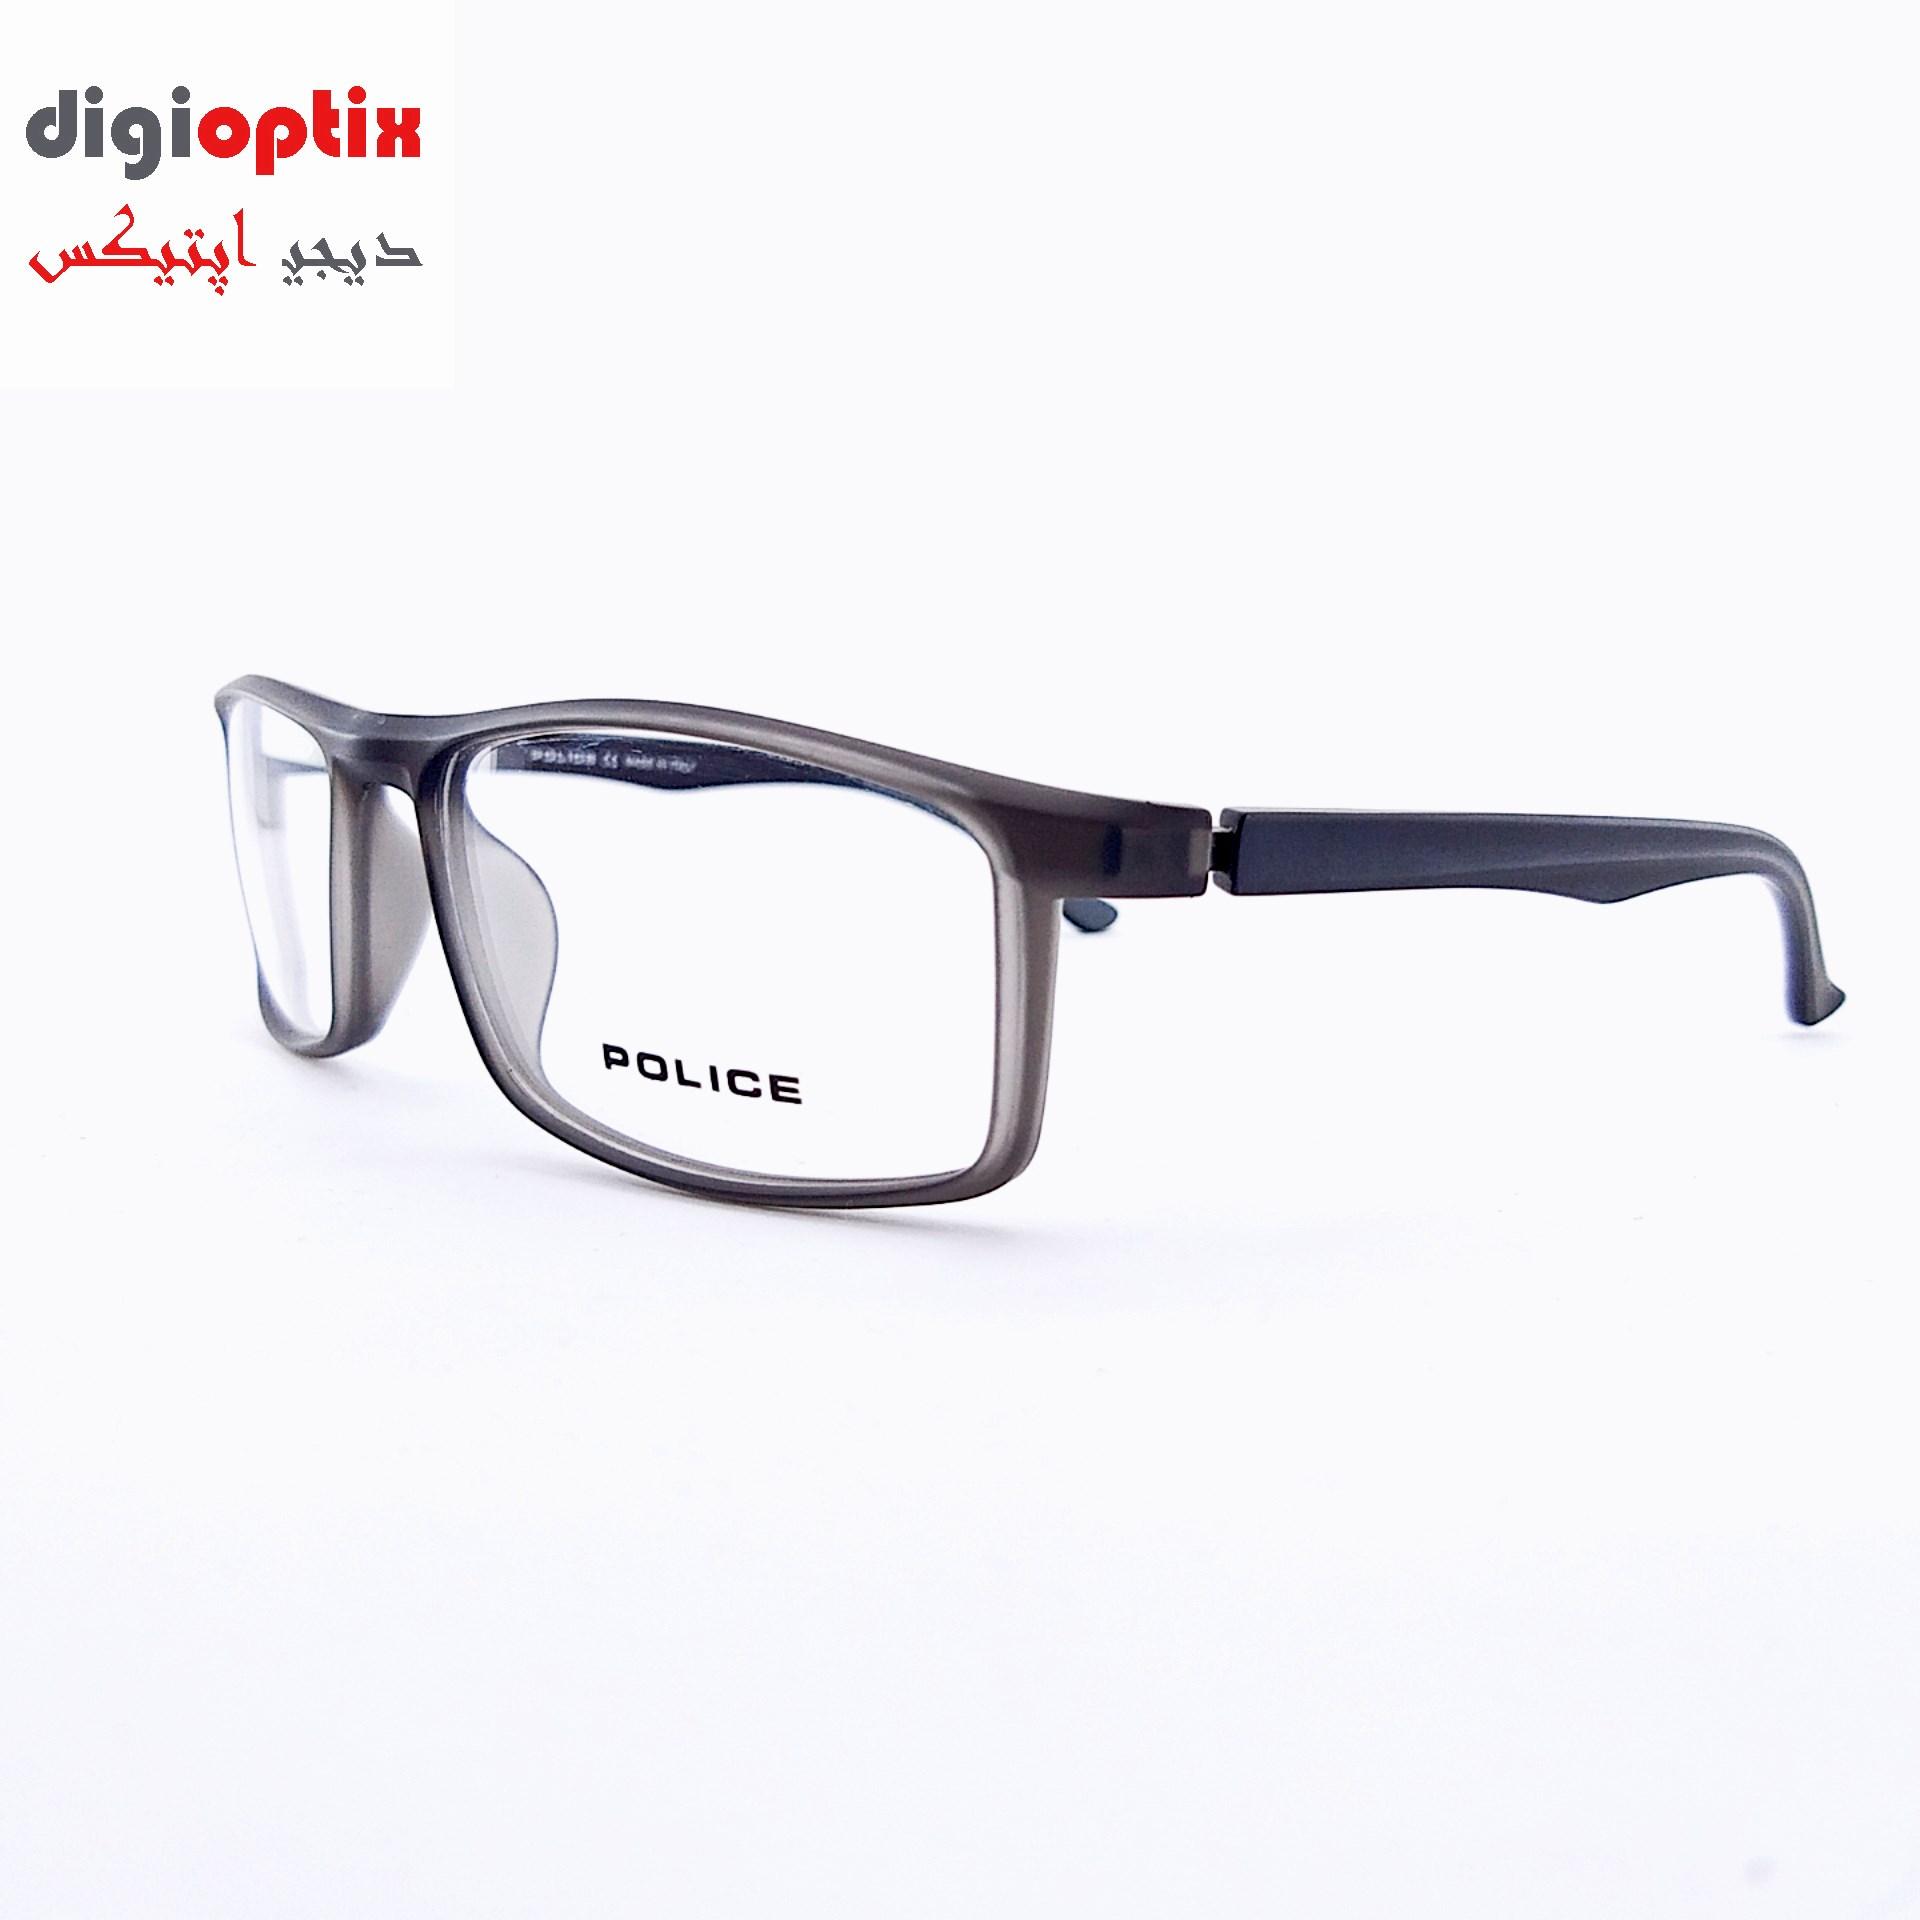 فریم عینک طبی اسپورت مارک POLICE رنگ خاکستری مات مدل H86